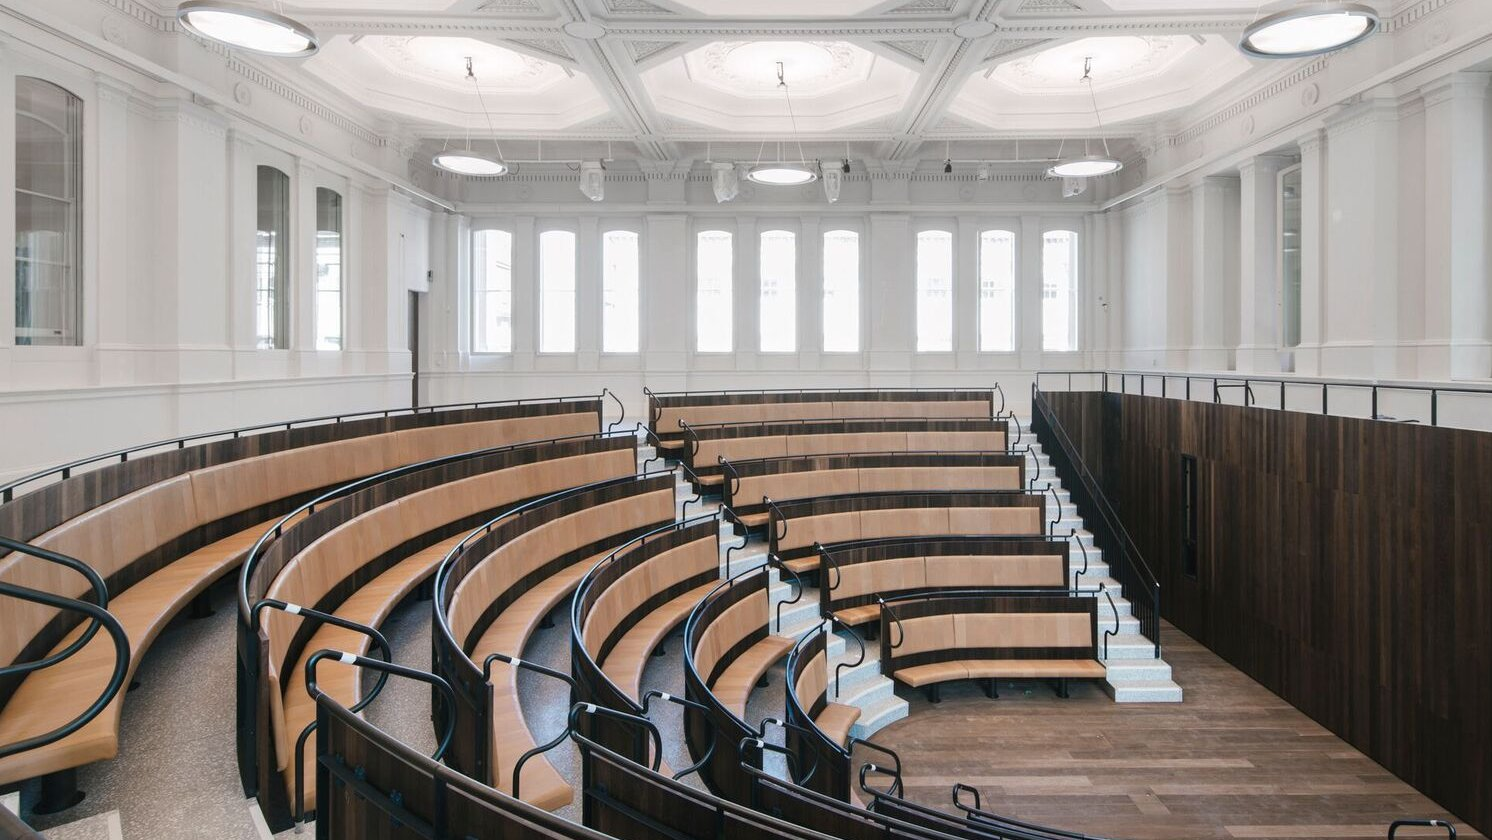 Imagen del Benjamin West Lecture Theatre